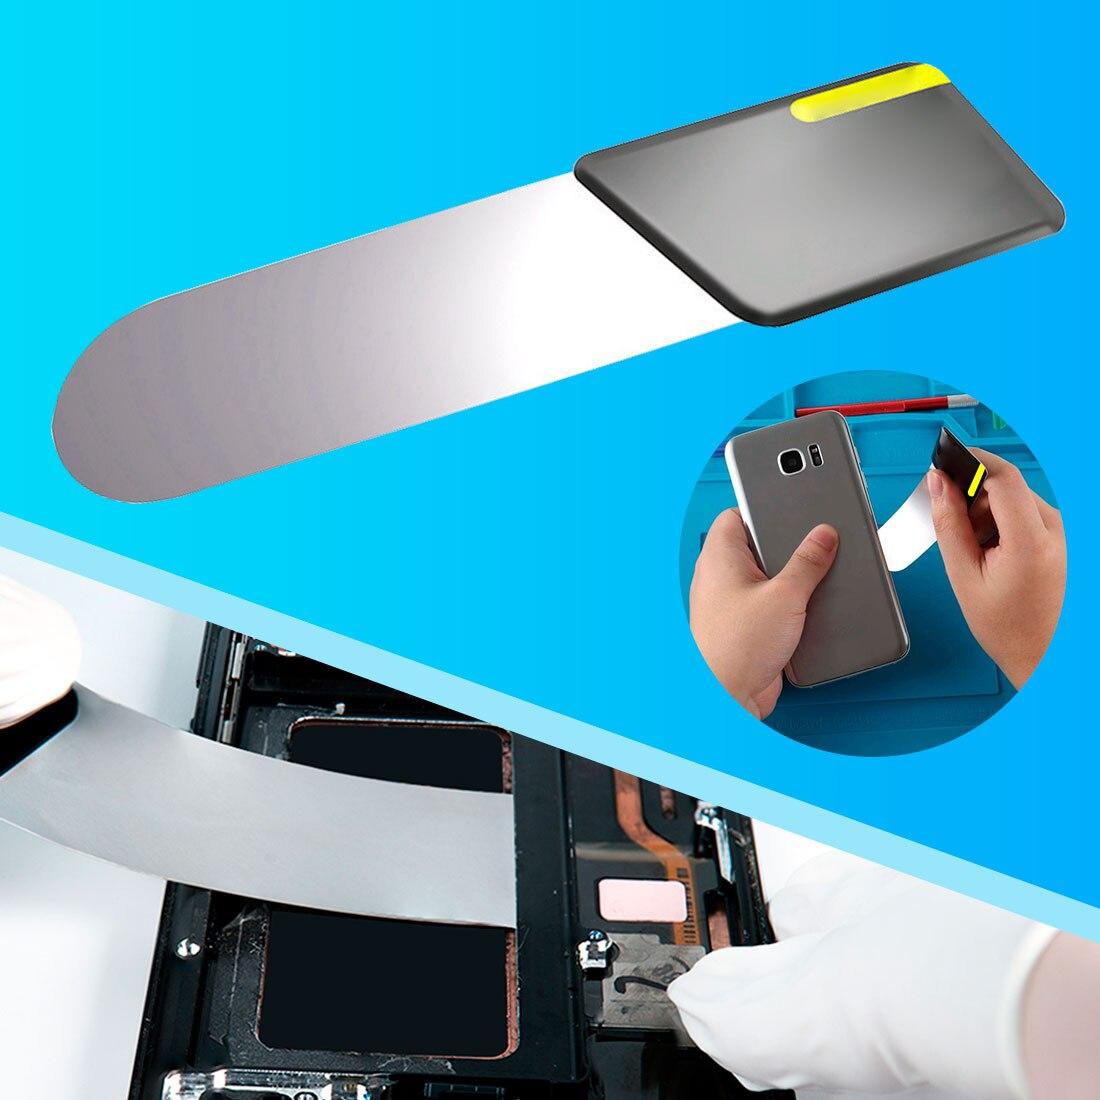 Мобильный телефон изогнутые ЖК-дисплей Экран инструменты для разборки карты ультратонкий, Гибкий Мобильный телефон разбирать металлическ...